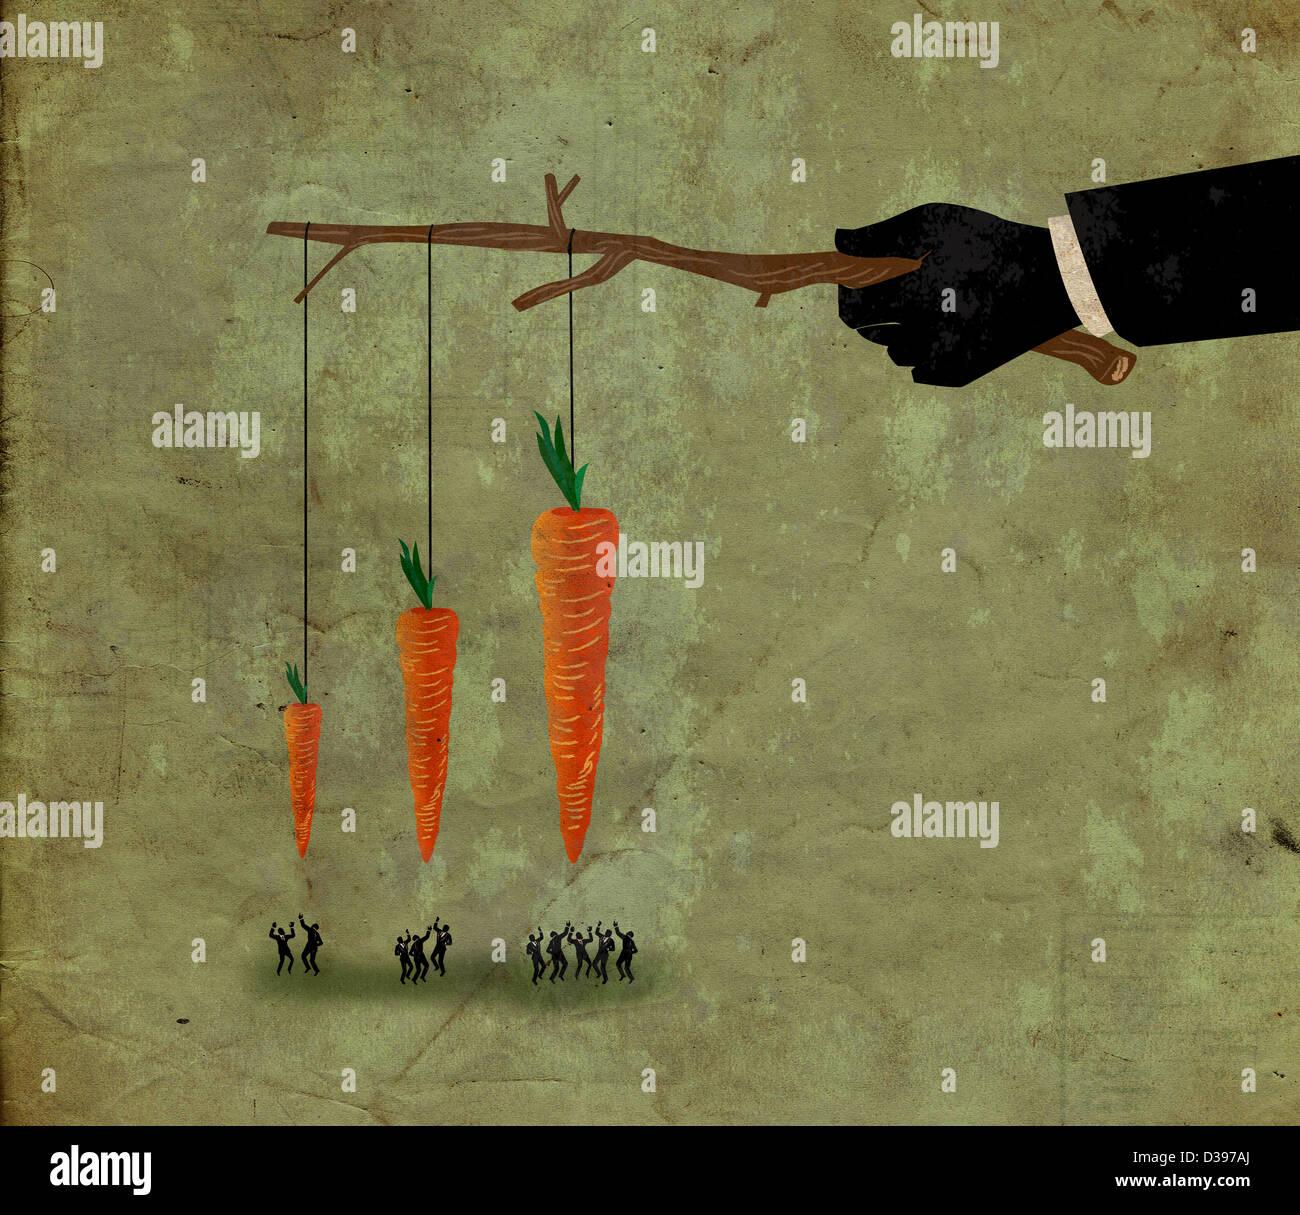 Coup d'illustration de gens d'affaires de sauter pour la carotte illustrant la concurrence pour inciter Photo Stock